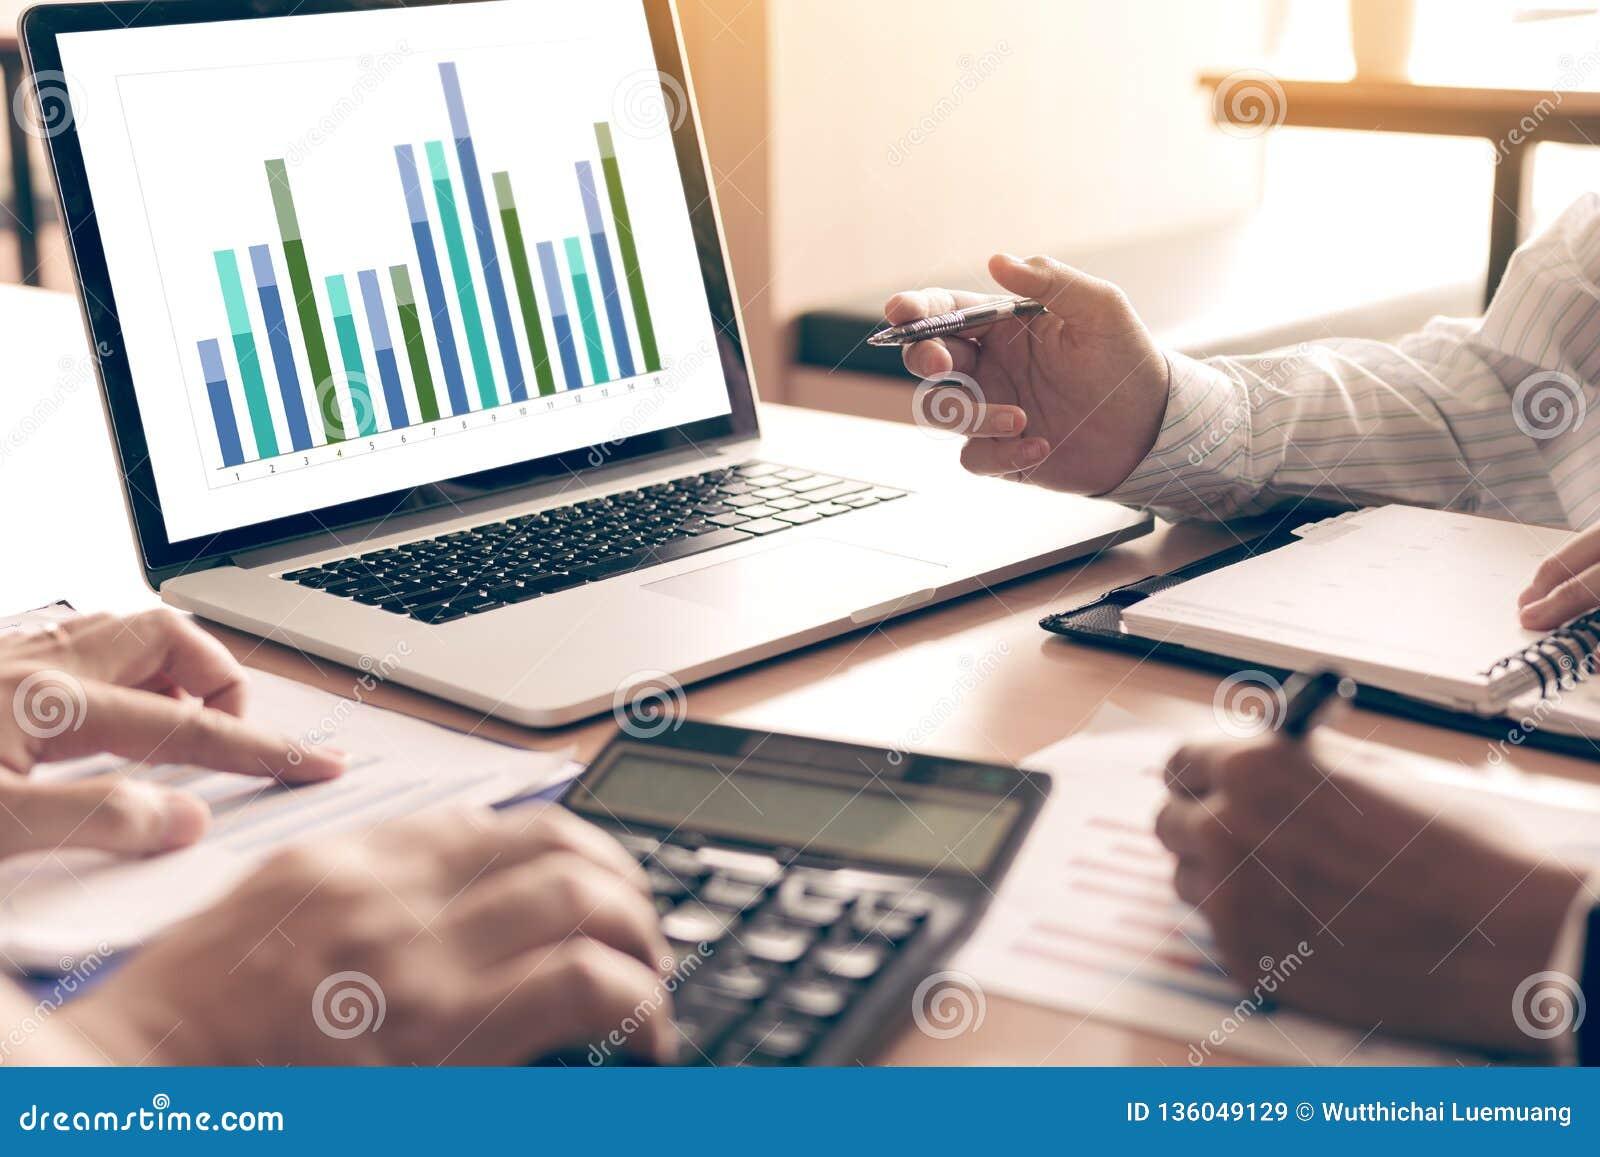 Graphique de compte rendu succinct d analyse d hommes d affaires d équipe sur l ordinateur portable dans la chambre de bureau